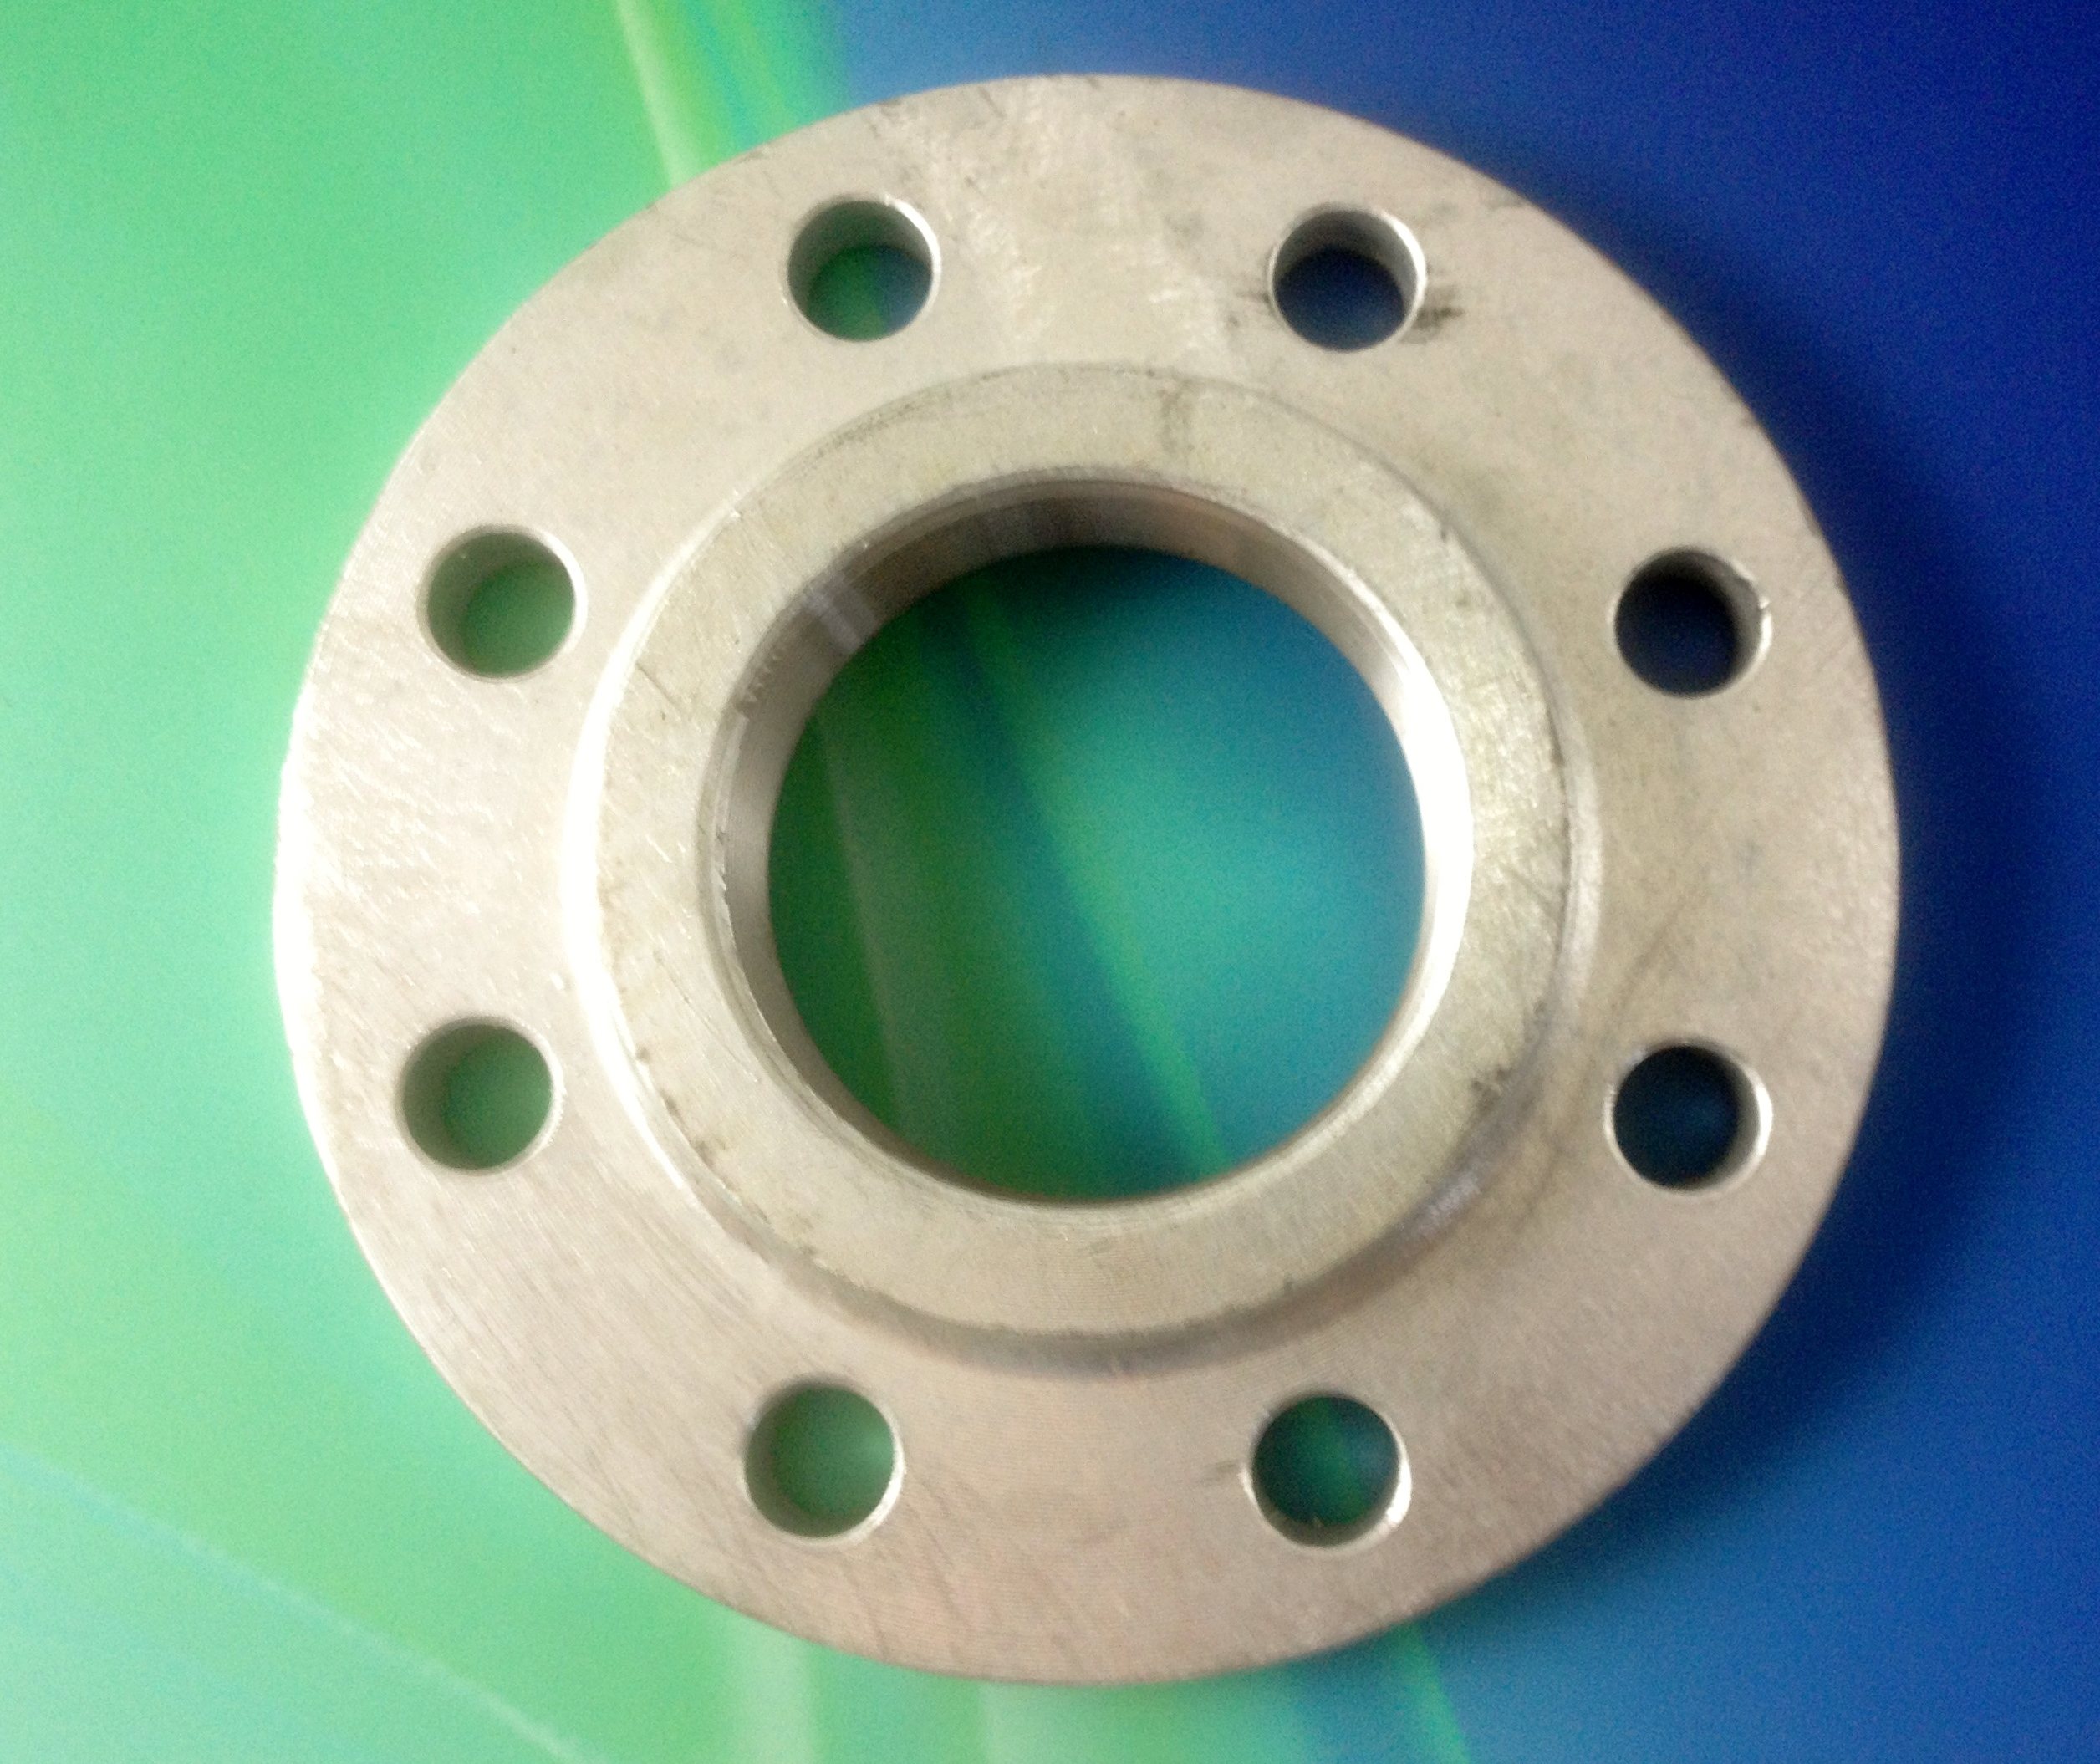 Carbon Steel Flanges : Carbon steel flanges ansi b besseges vtf